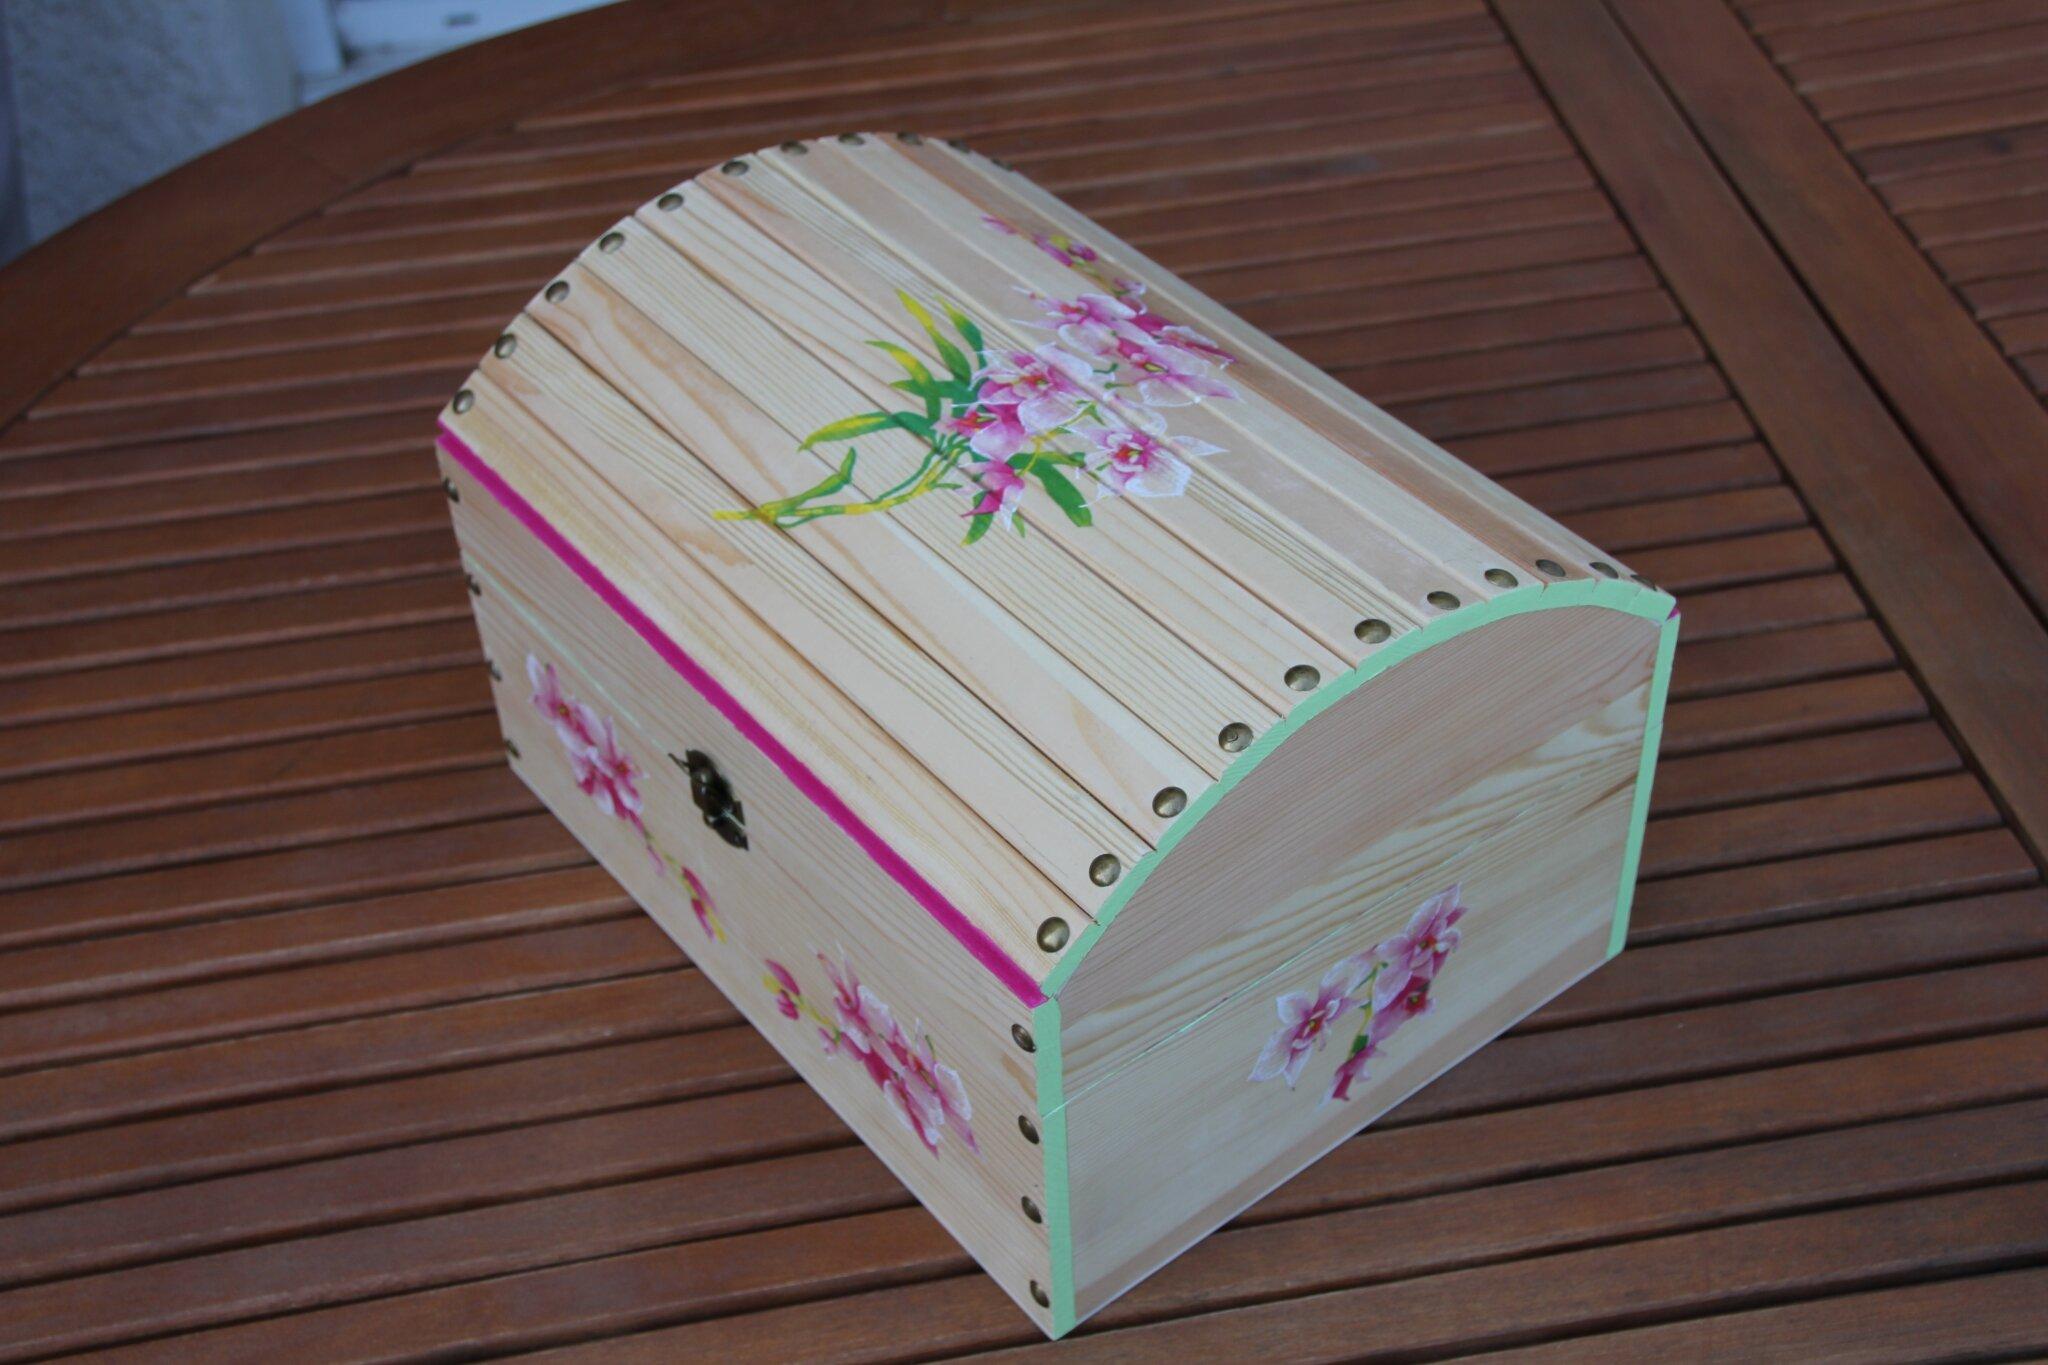 Comment enlever peinture acrylique sur bois for Peinture acrylique sur bois brut